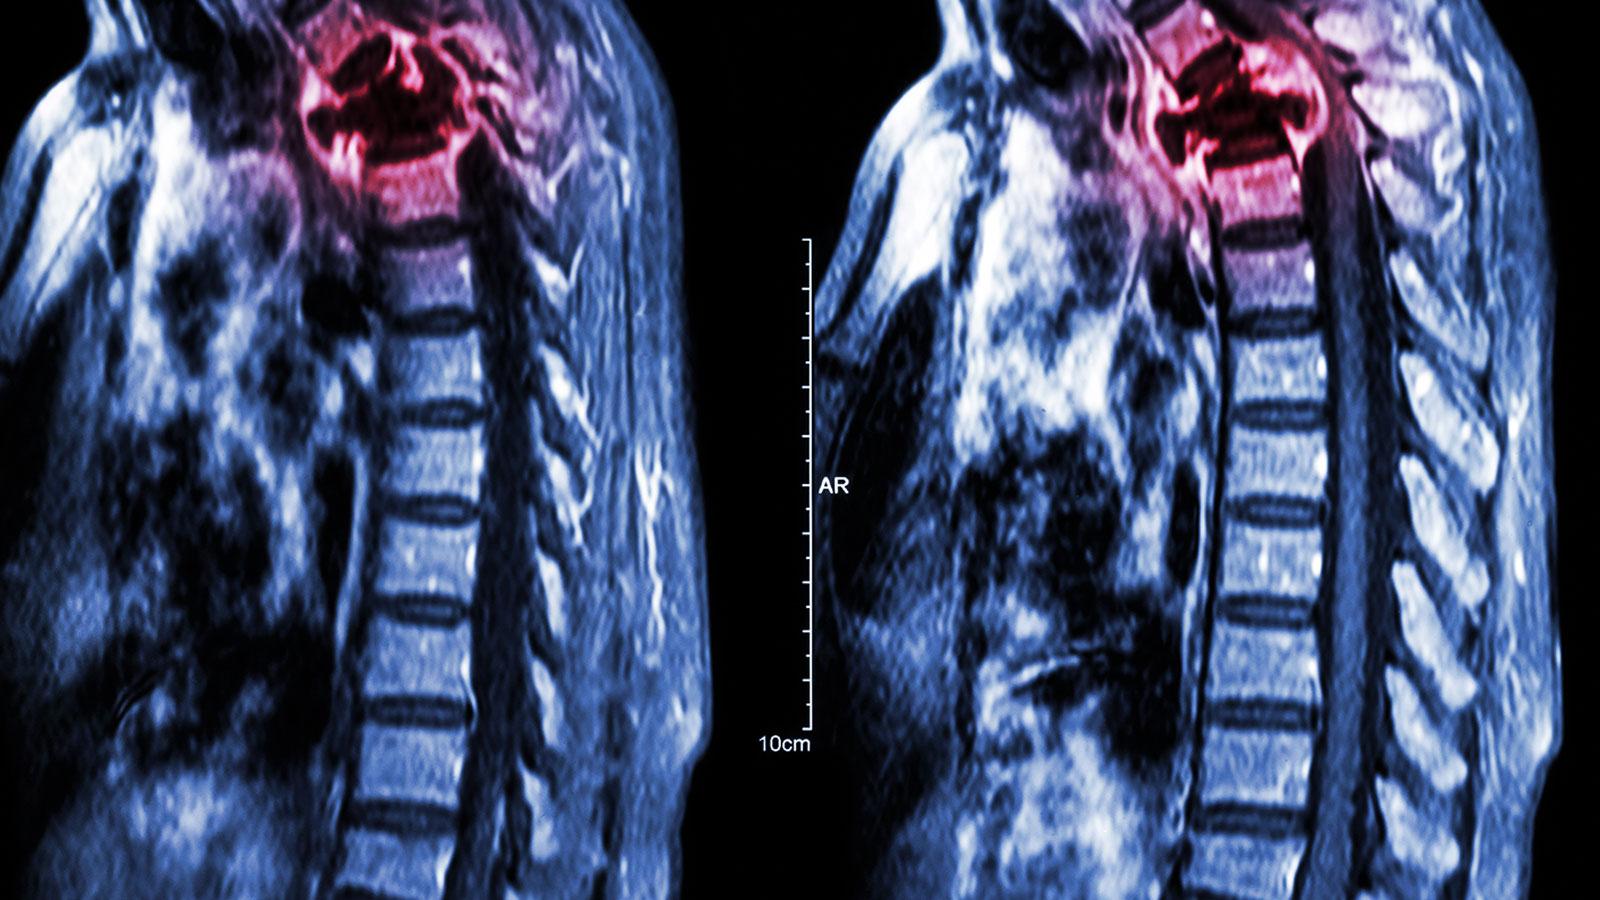 Cáncer en los huesos: ¿qué es y cómo detectarlo?